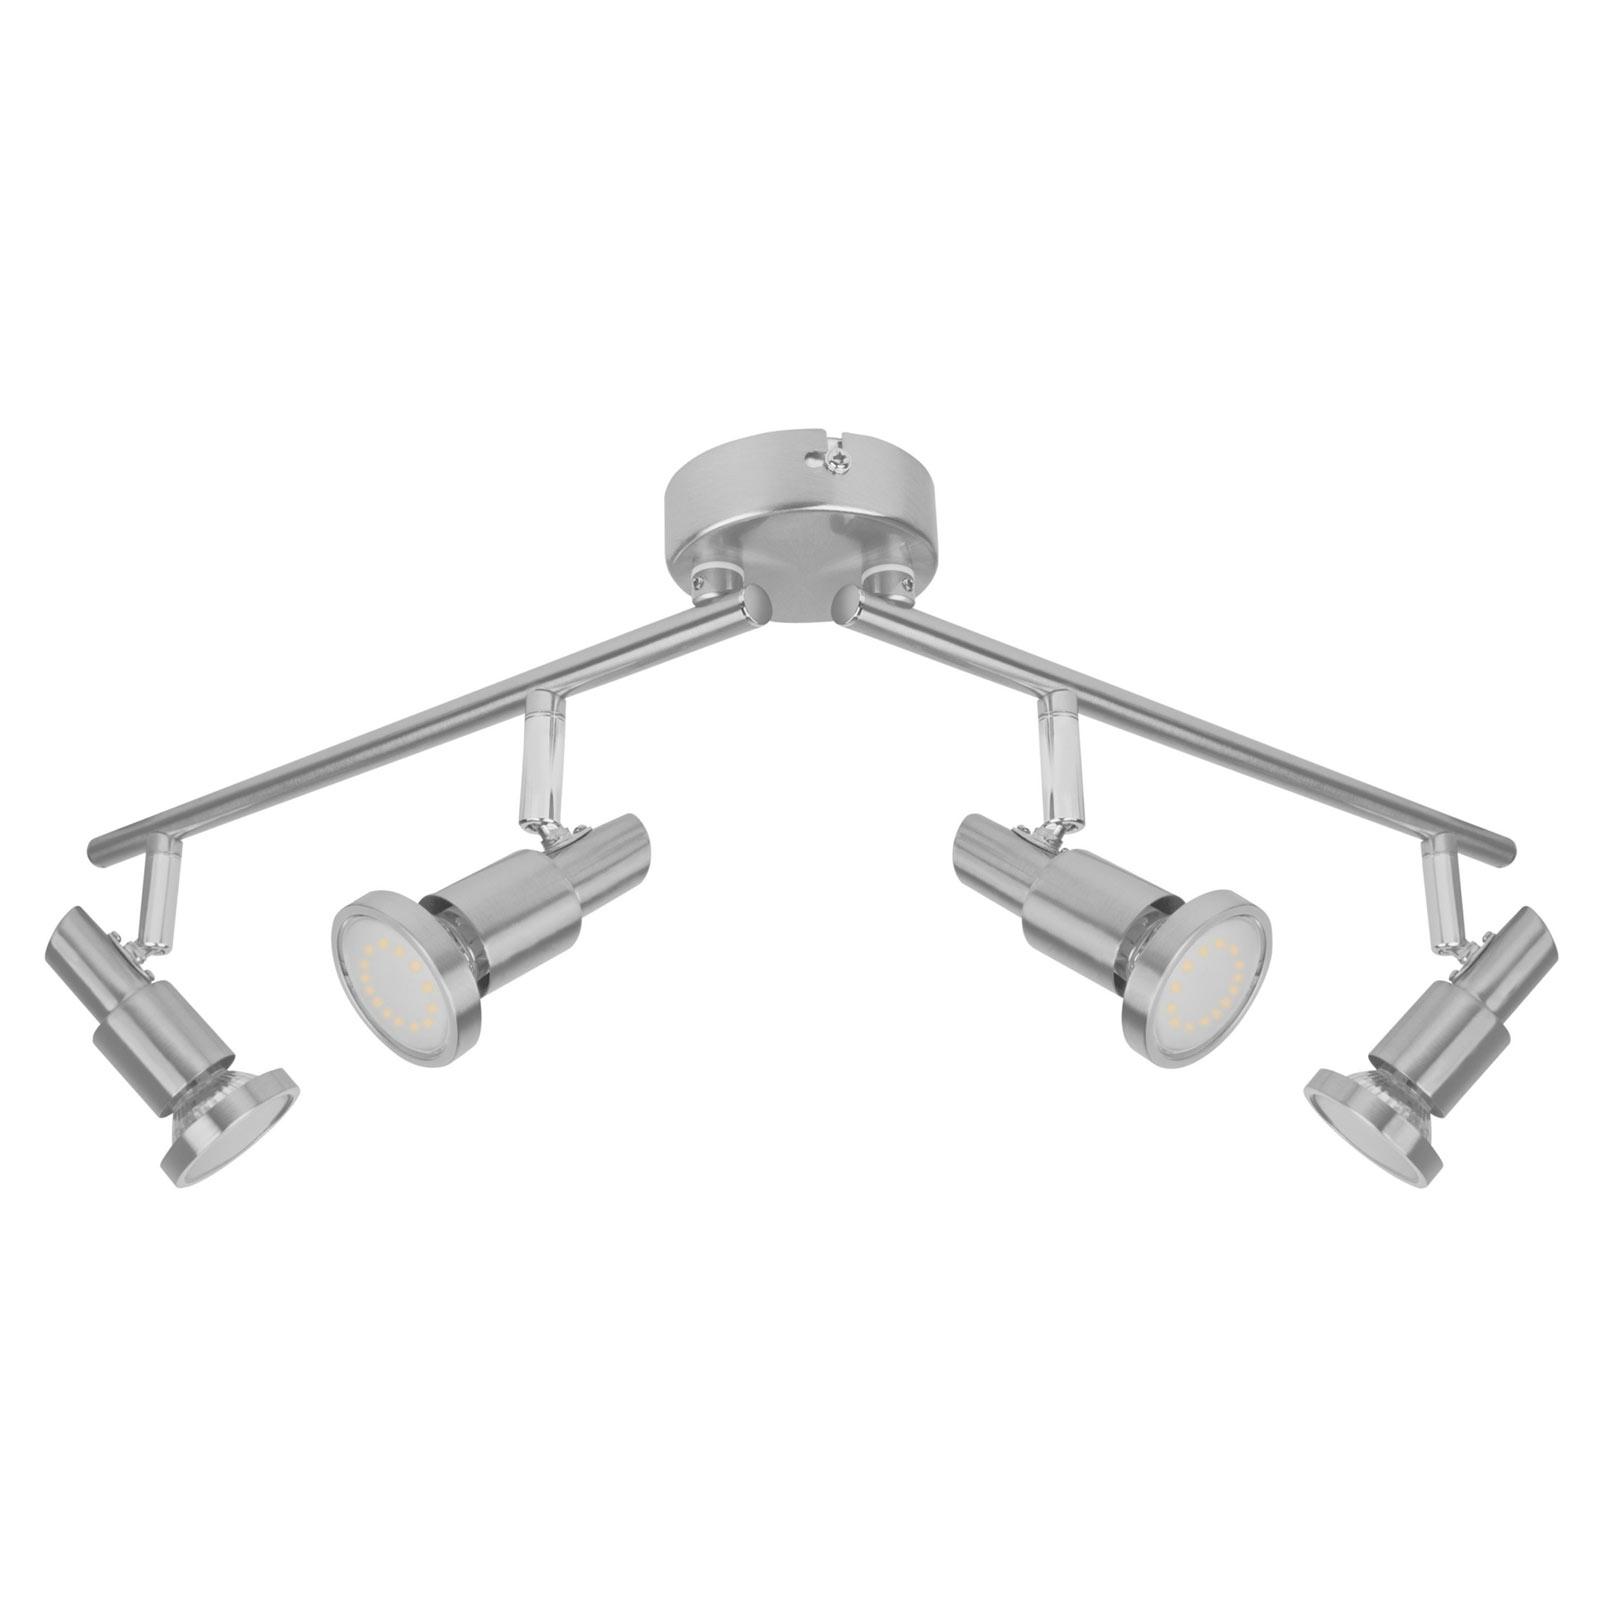 LEDVANCE Niclas LED spot, nikkel, 4-lamps